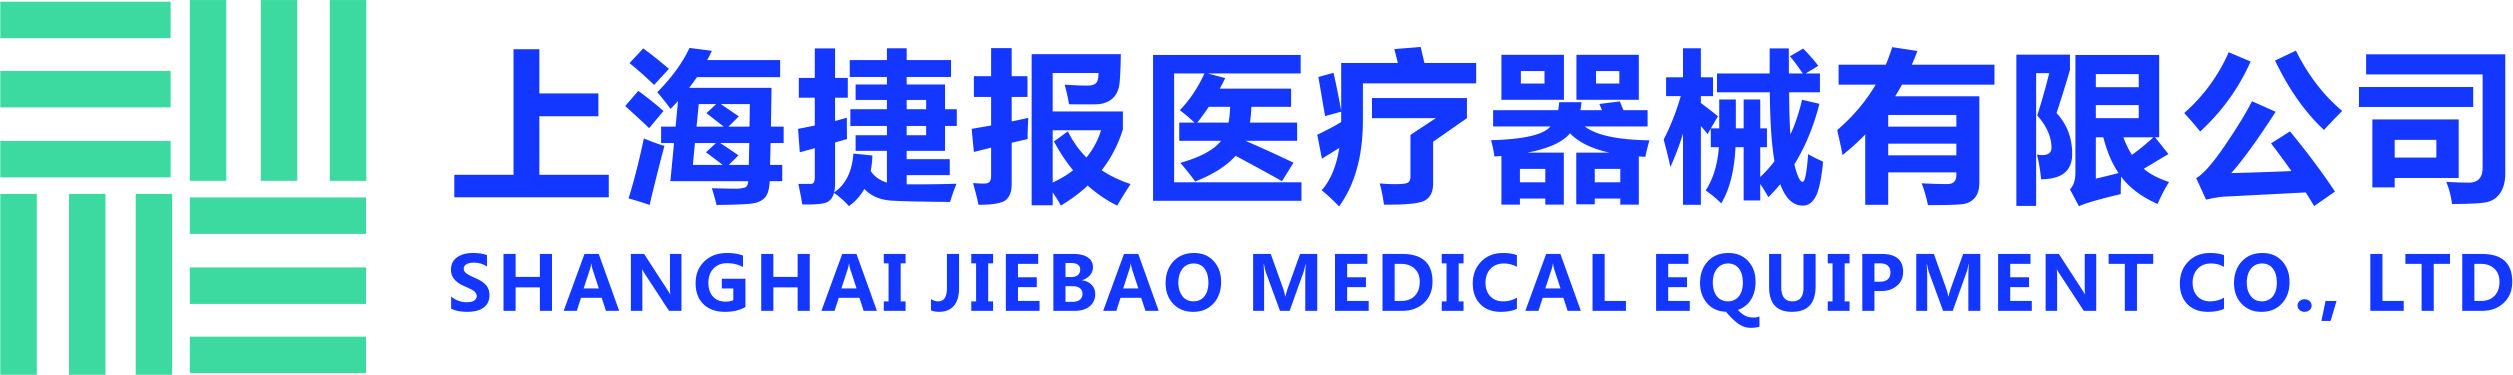 上海捷报医疗器械有限公司